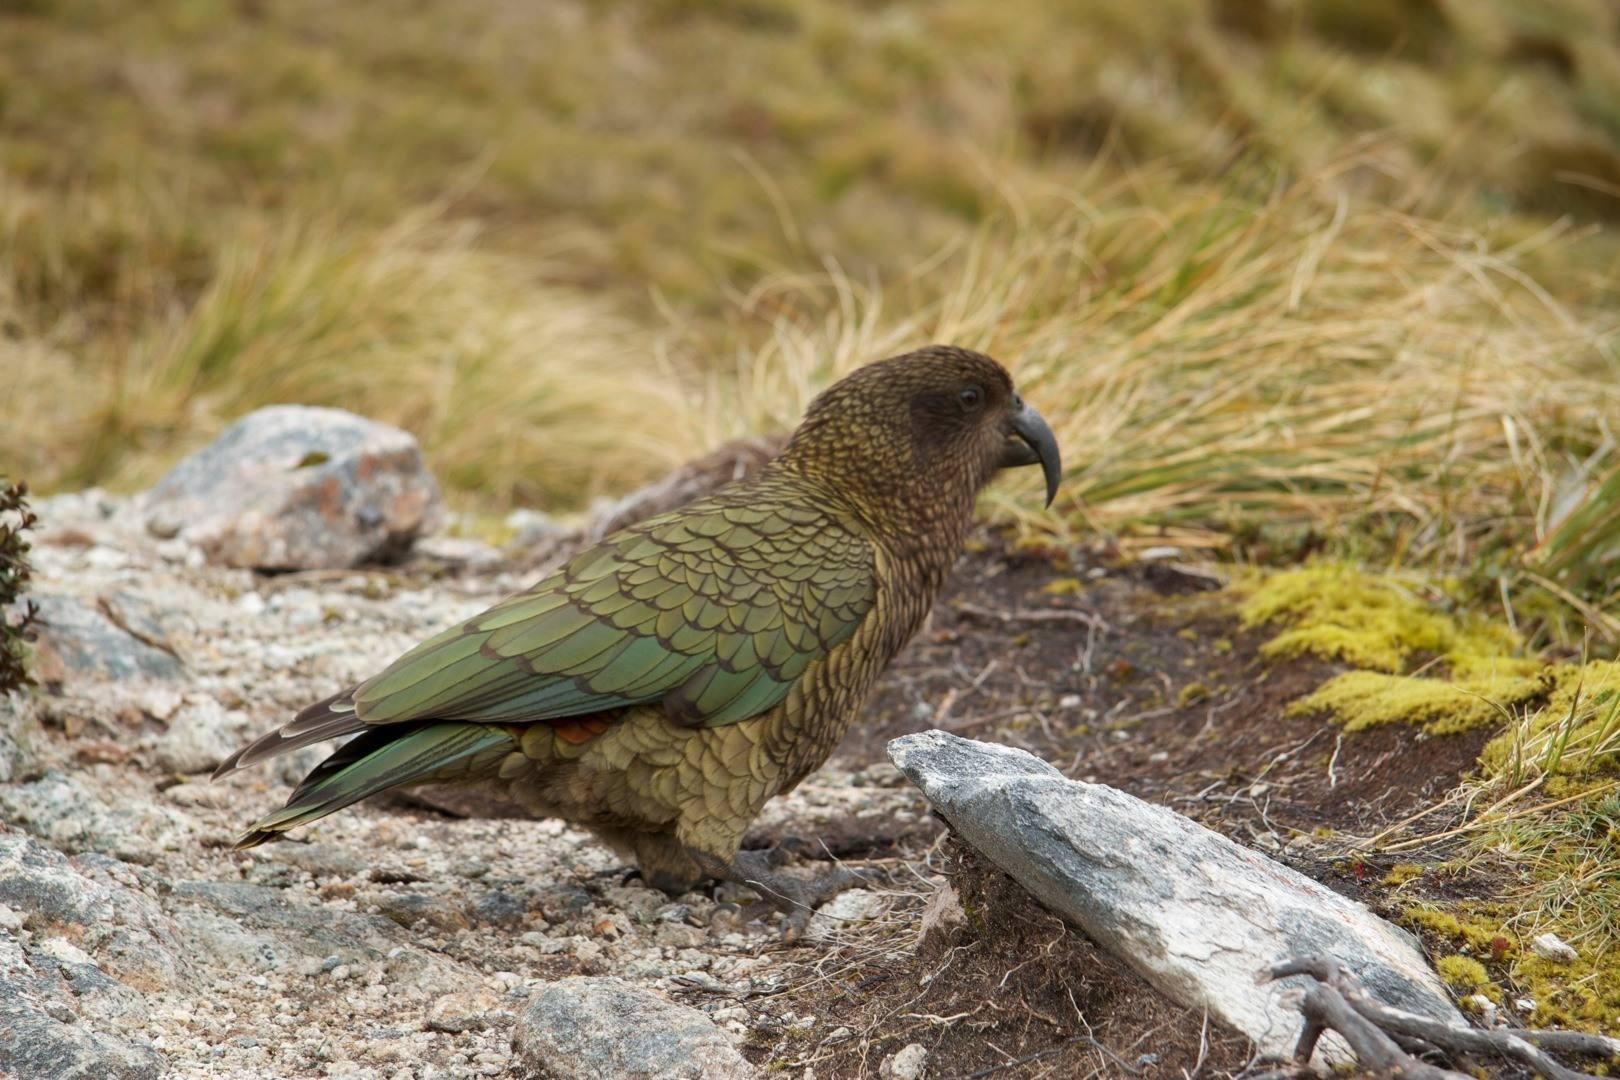 啄羊鹦鹉如何啄羊 啄羊鹦鹉是怎么啄羊的